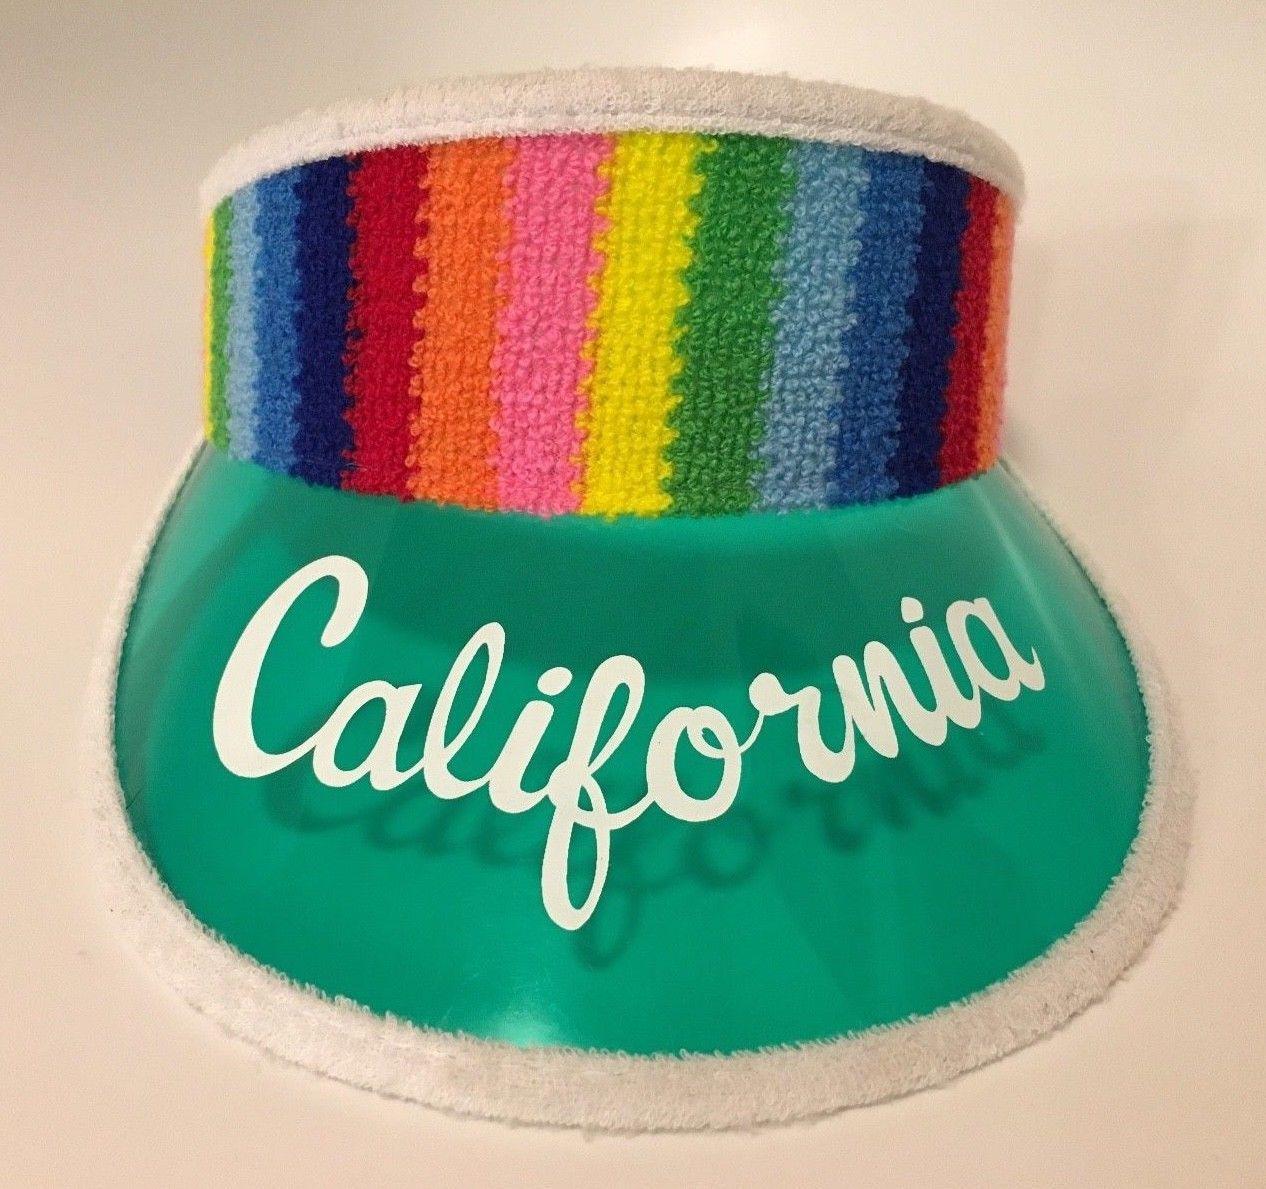 Vintage 80s Rainbow Terry Cloth CALIFORNIA Green Clear Plastic Sun Visor Hat   6f7fcbdabc3